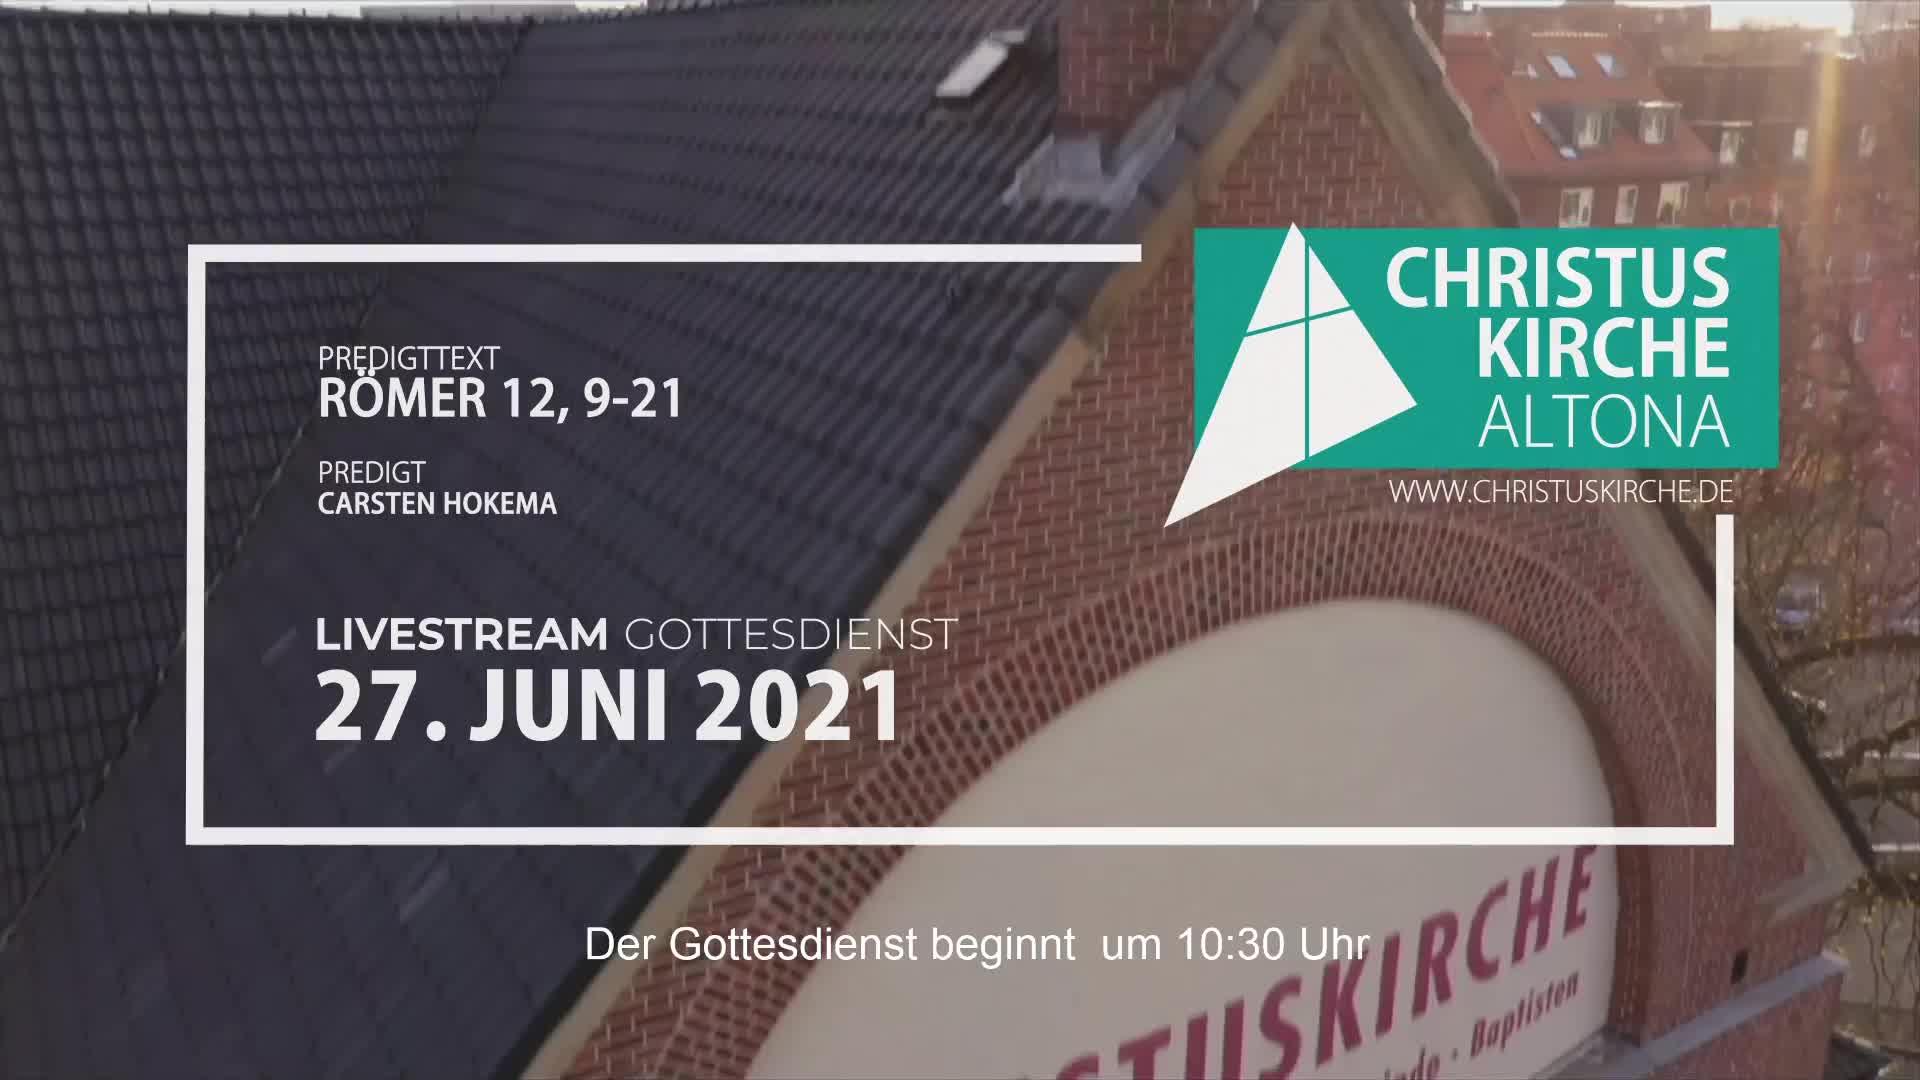 Gottesdienst - am 27. Juni - Livestream aus der Christuskirche Altona on 27-Jun-21-09:21:36